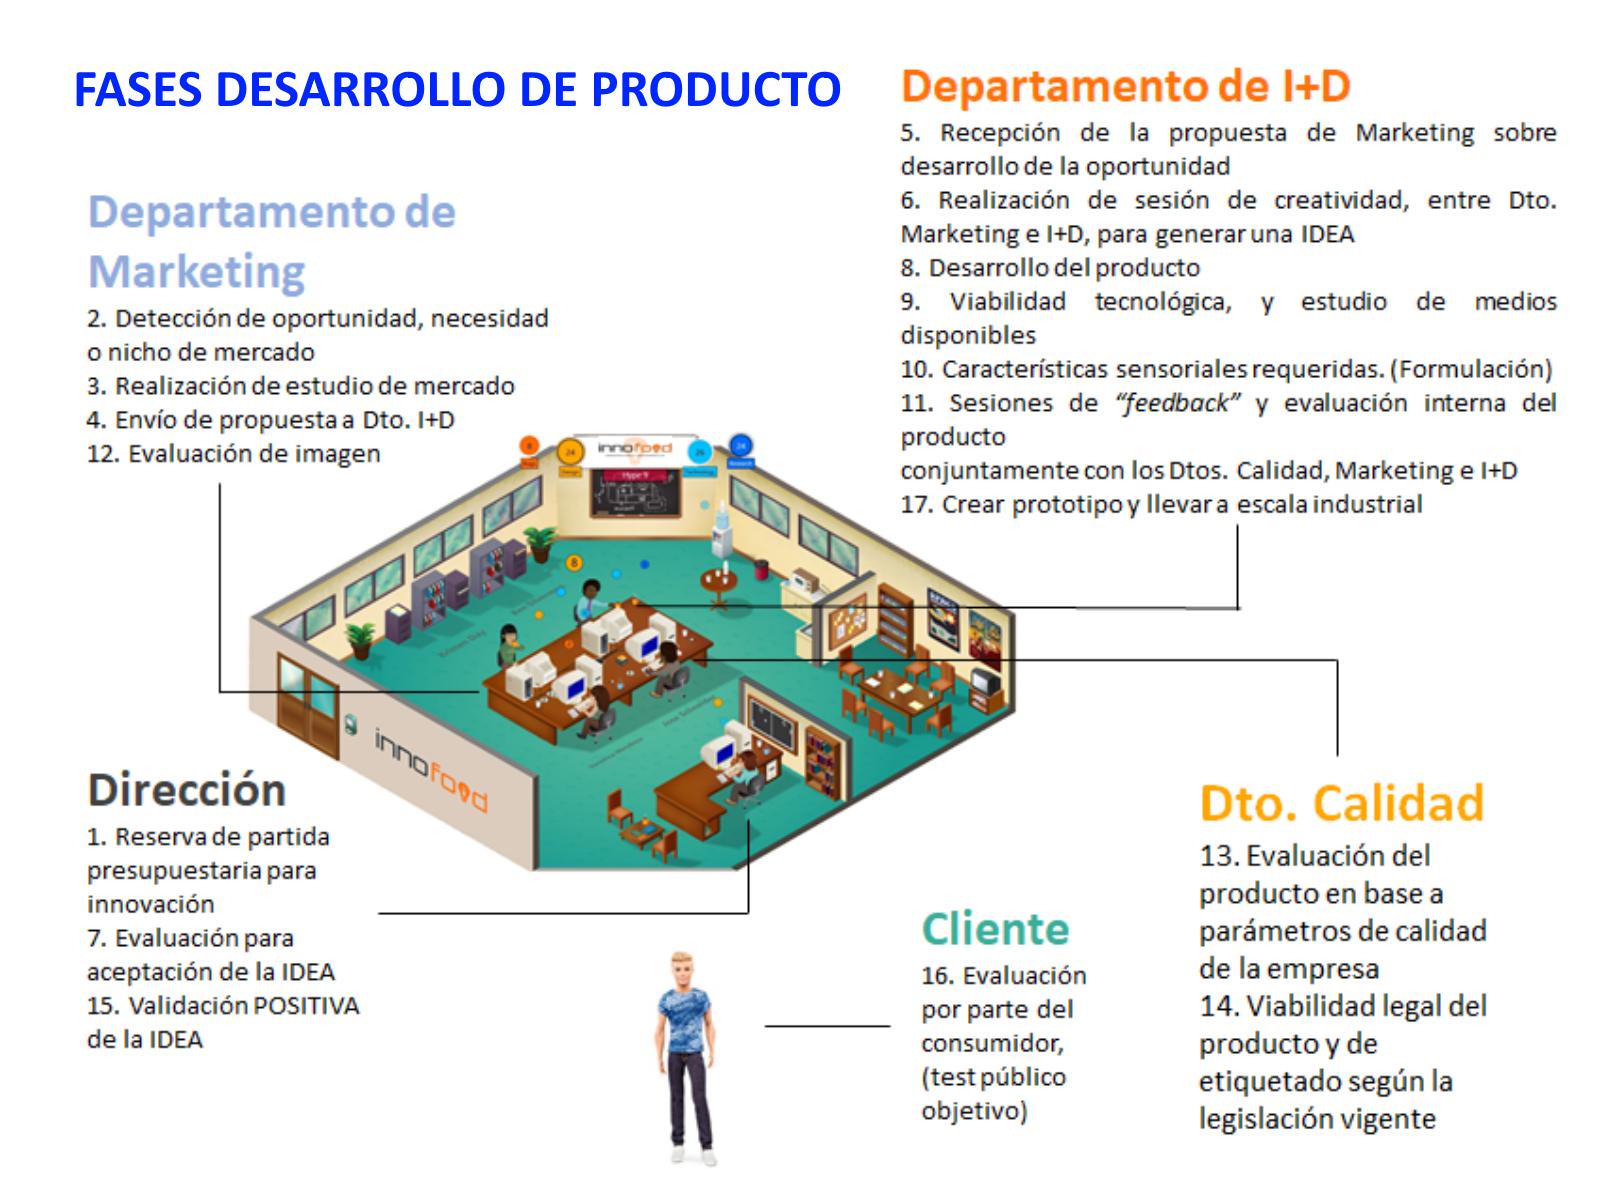 Fases desarrollo de producto sector agroalimentario